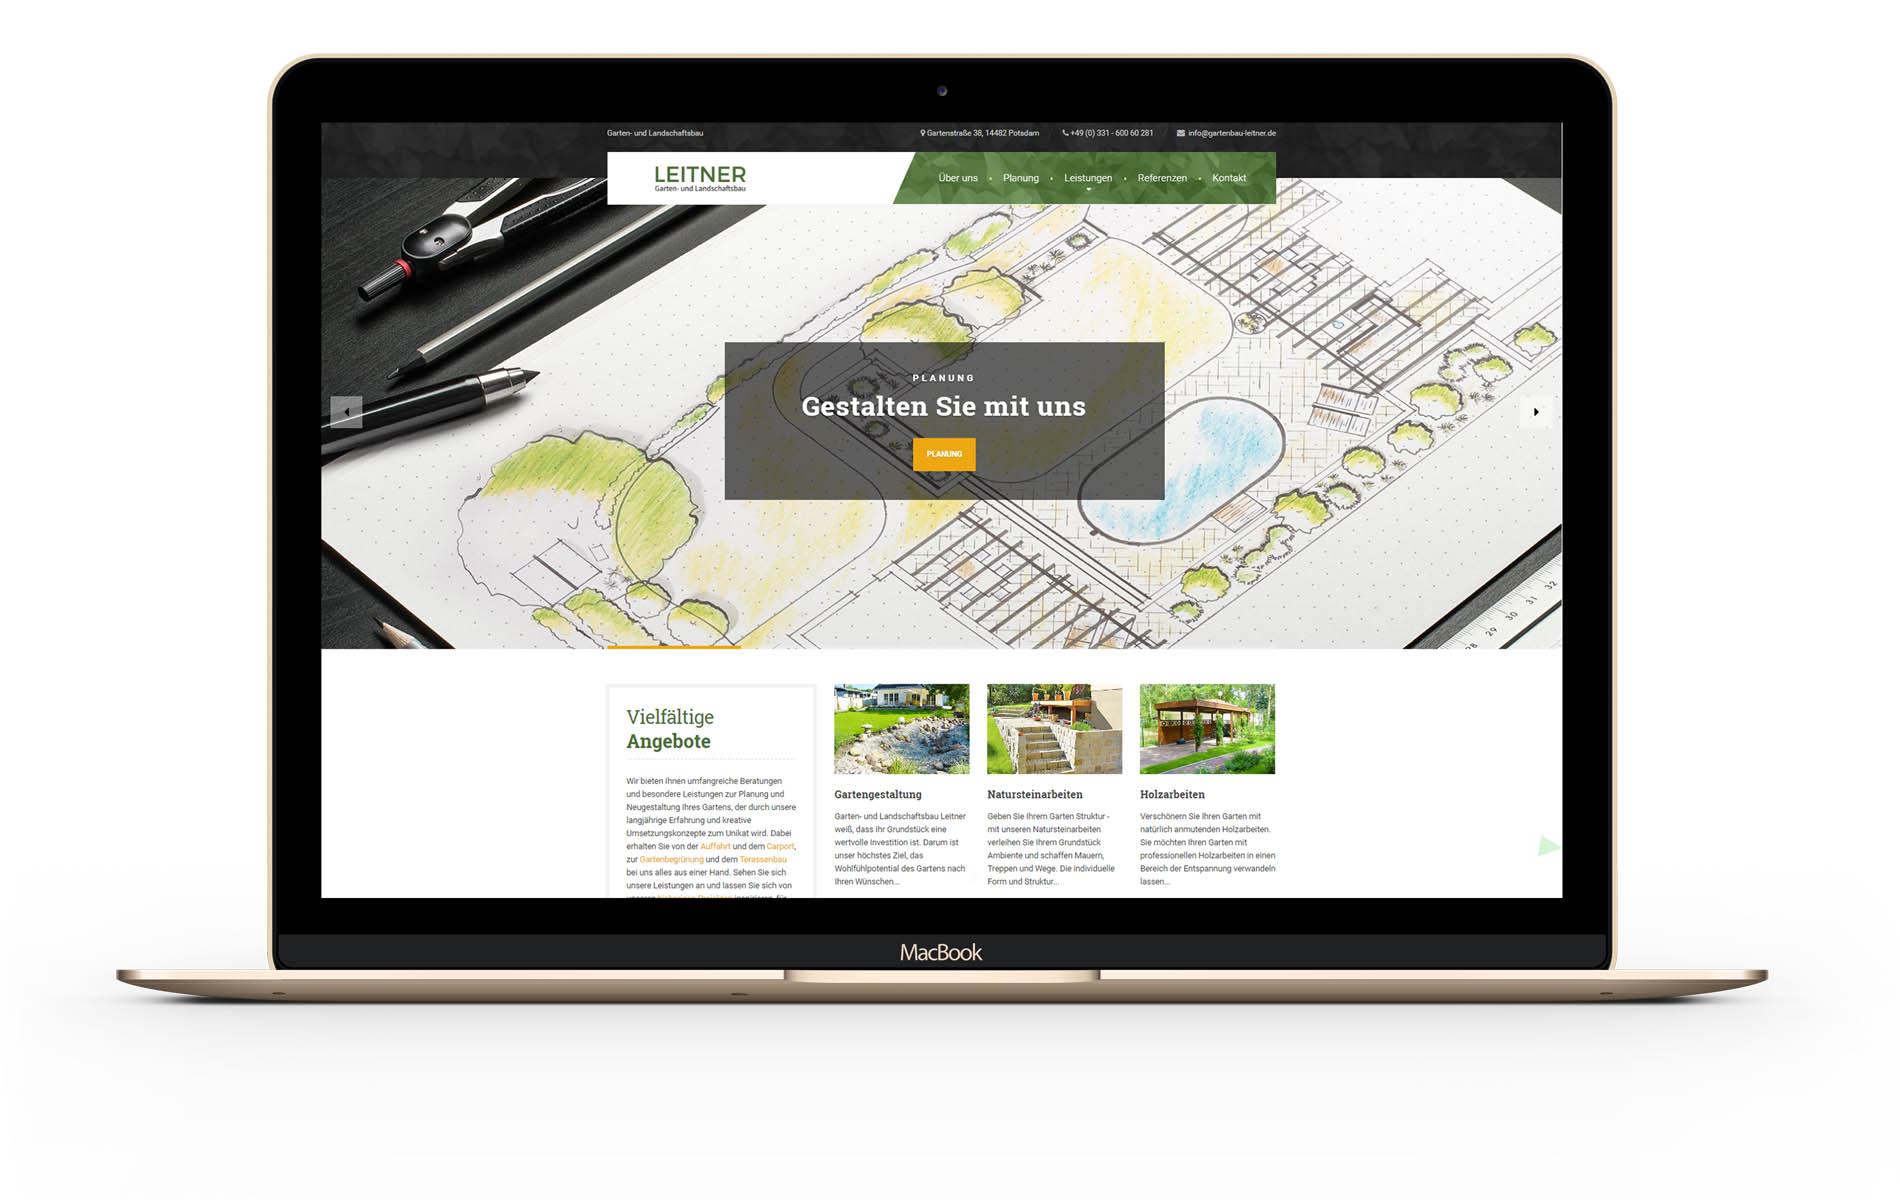 Beispiel für eine gute Webseite